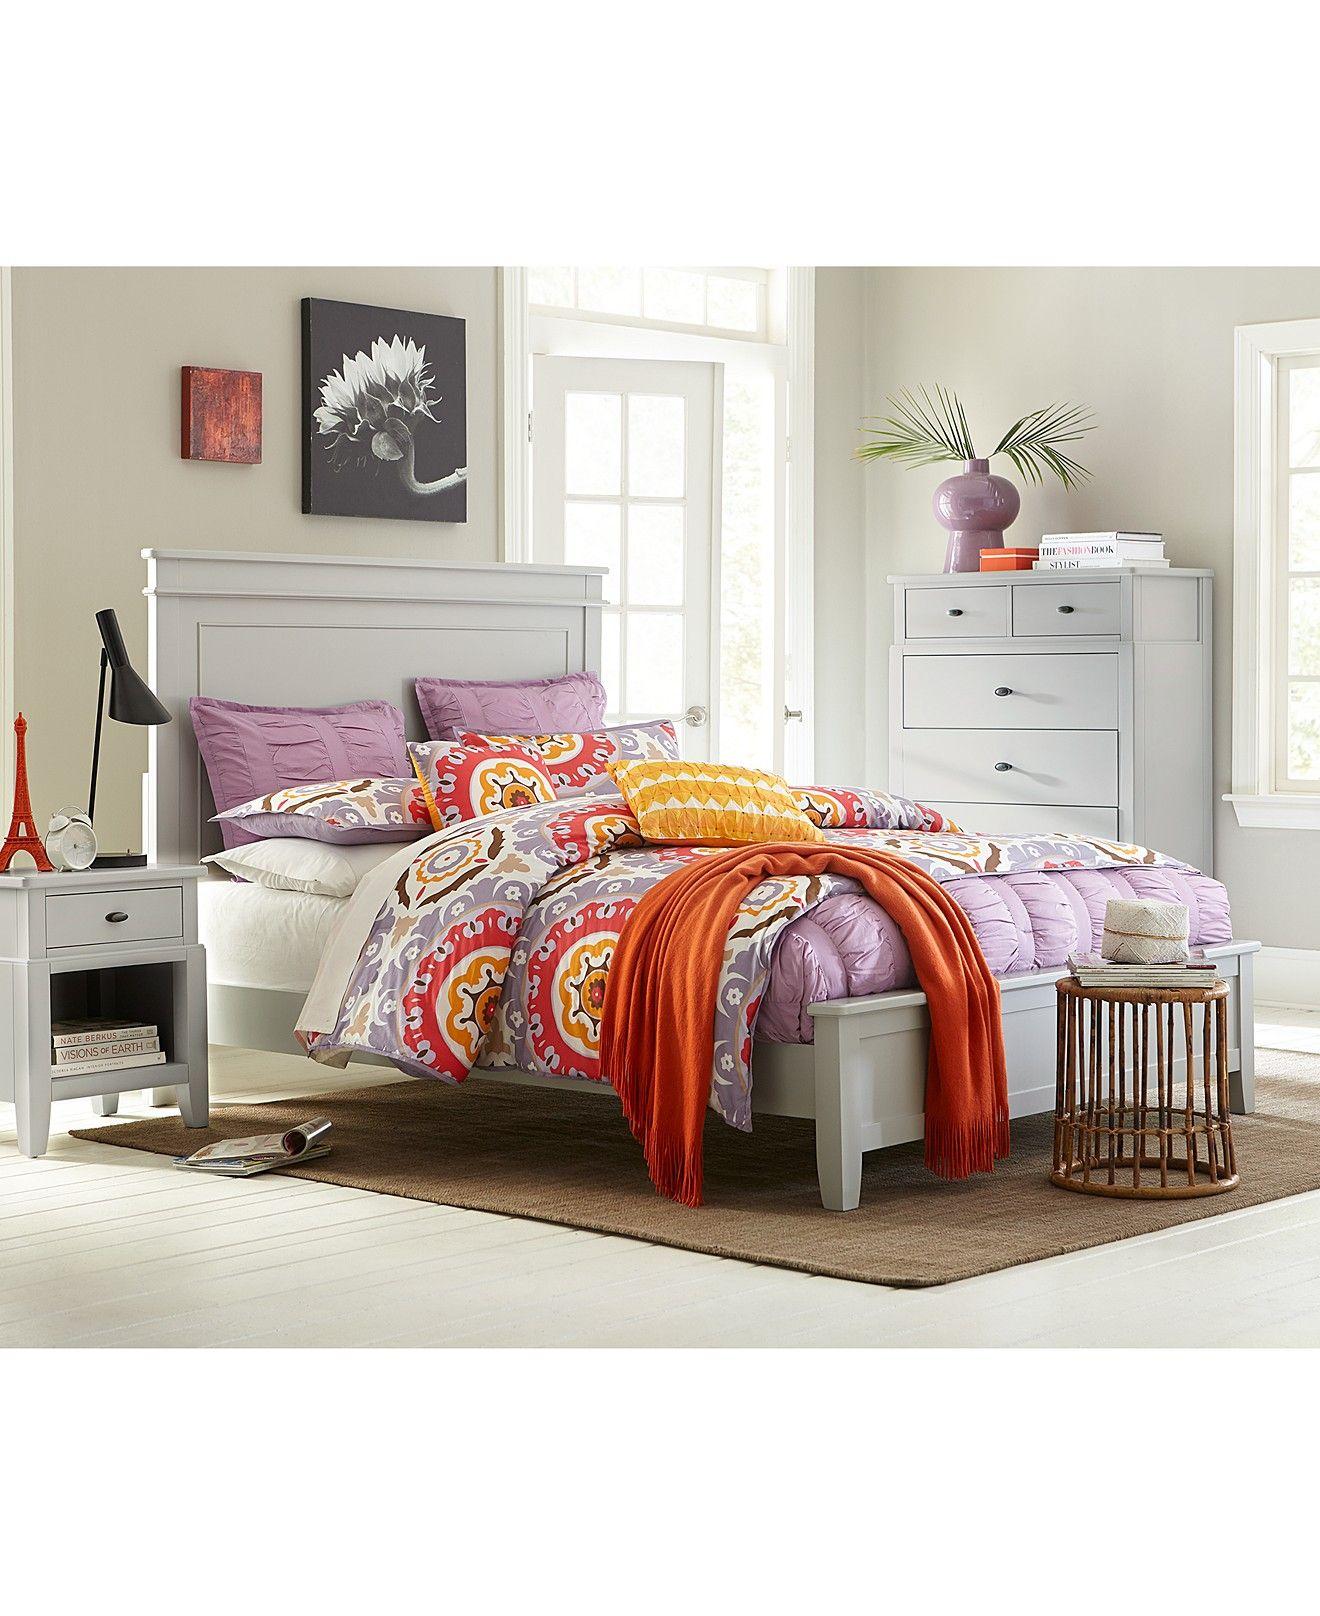 Kamron bedroom queen 3 piece set bed nightstand and - Bedroom furniture set online shopping ...